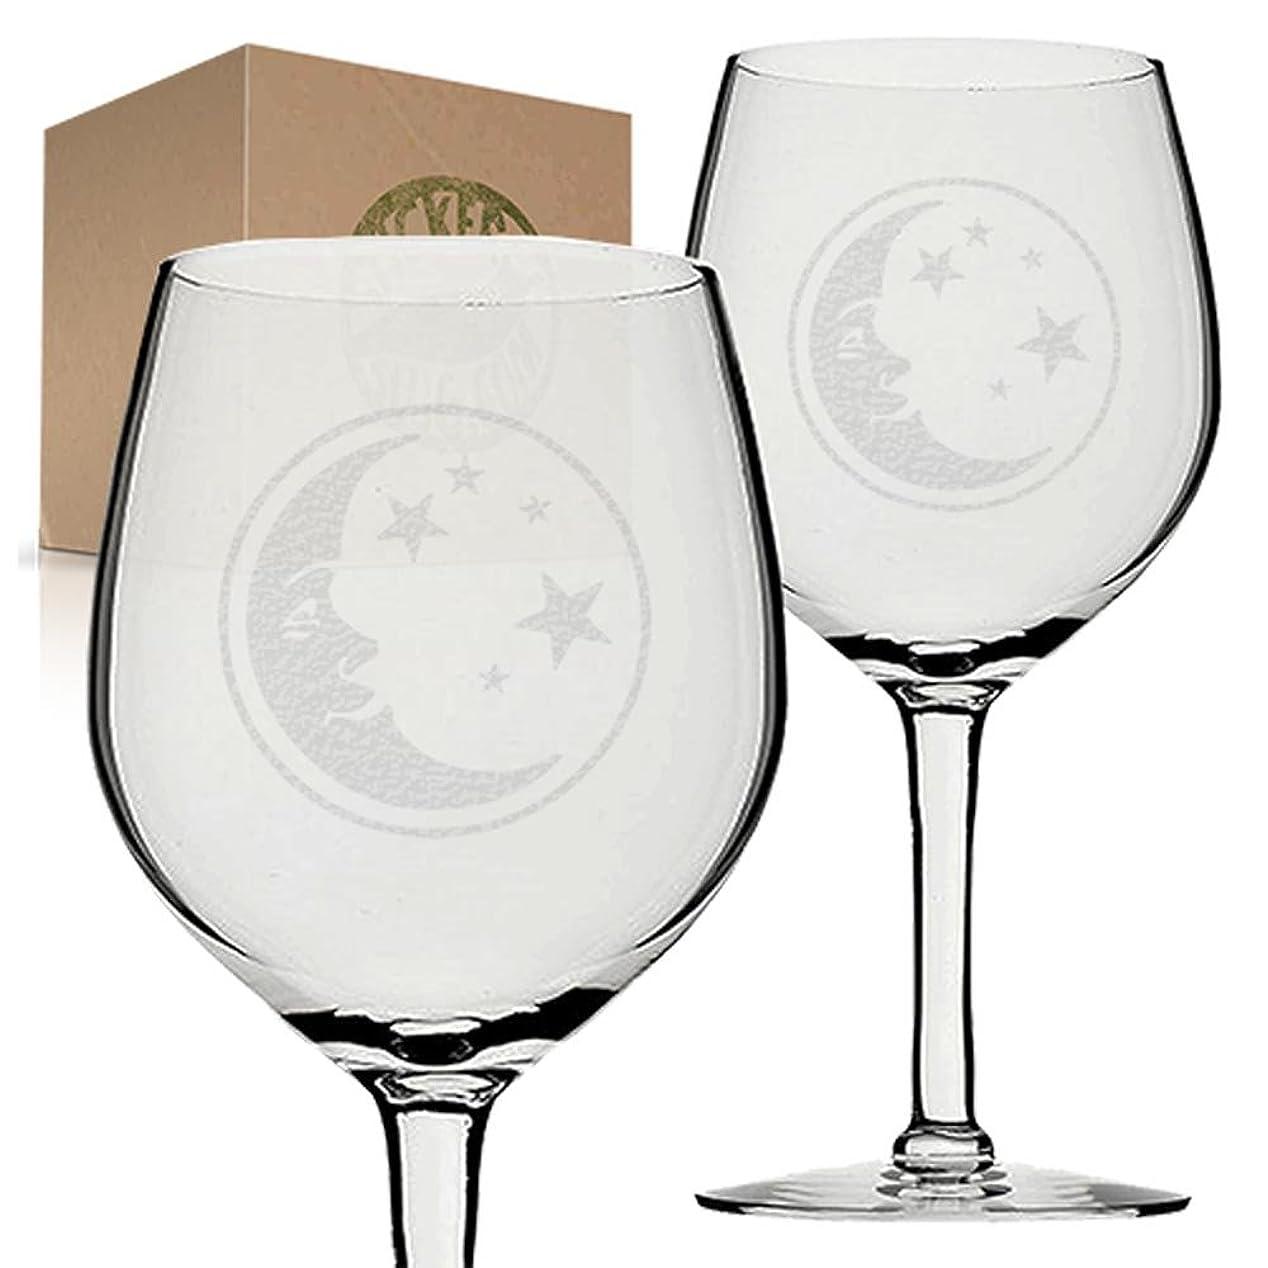 幾分敏感な台無しにStickerslug Engraved月と星ワイン、メガネ、11オンスのセット2